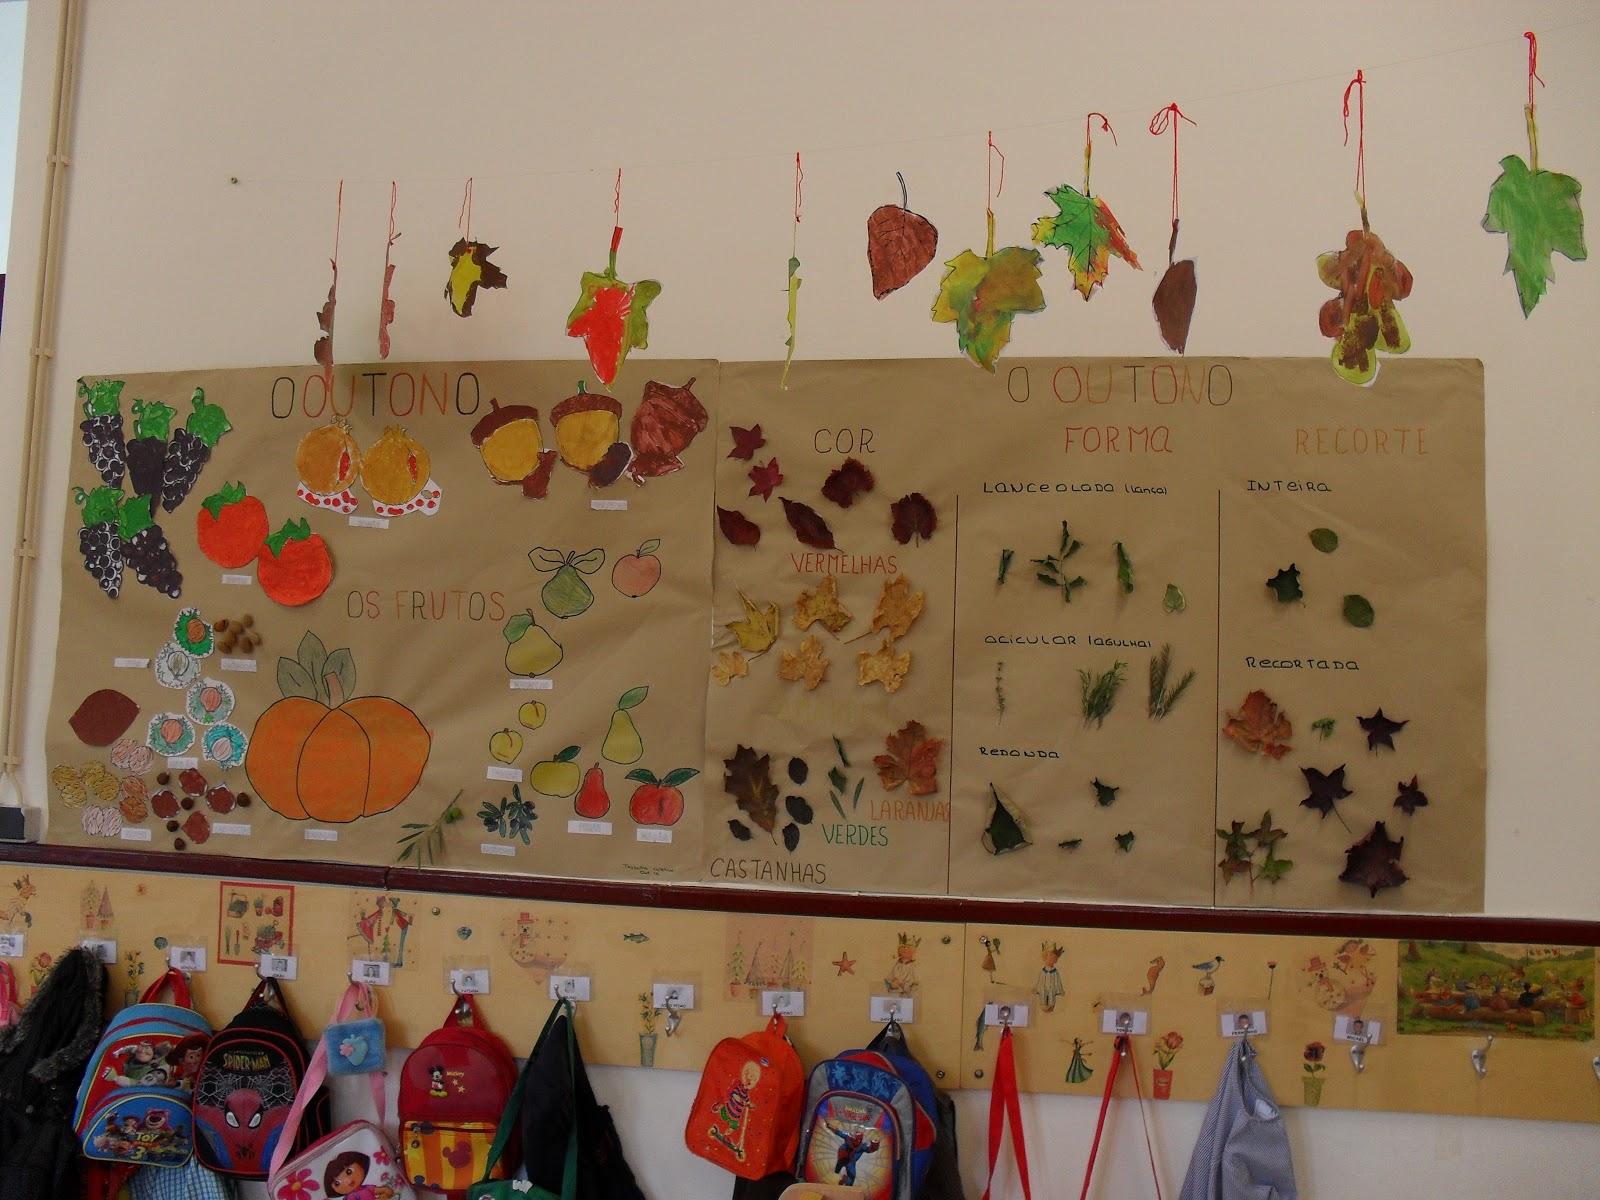 ideias para o outono jardim de infancia : ideias para o outono jardim de infancia:Janela Mágica no Pré-Escolar: Jardim de Infância de Casas Novas